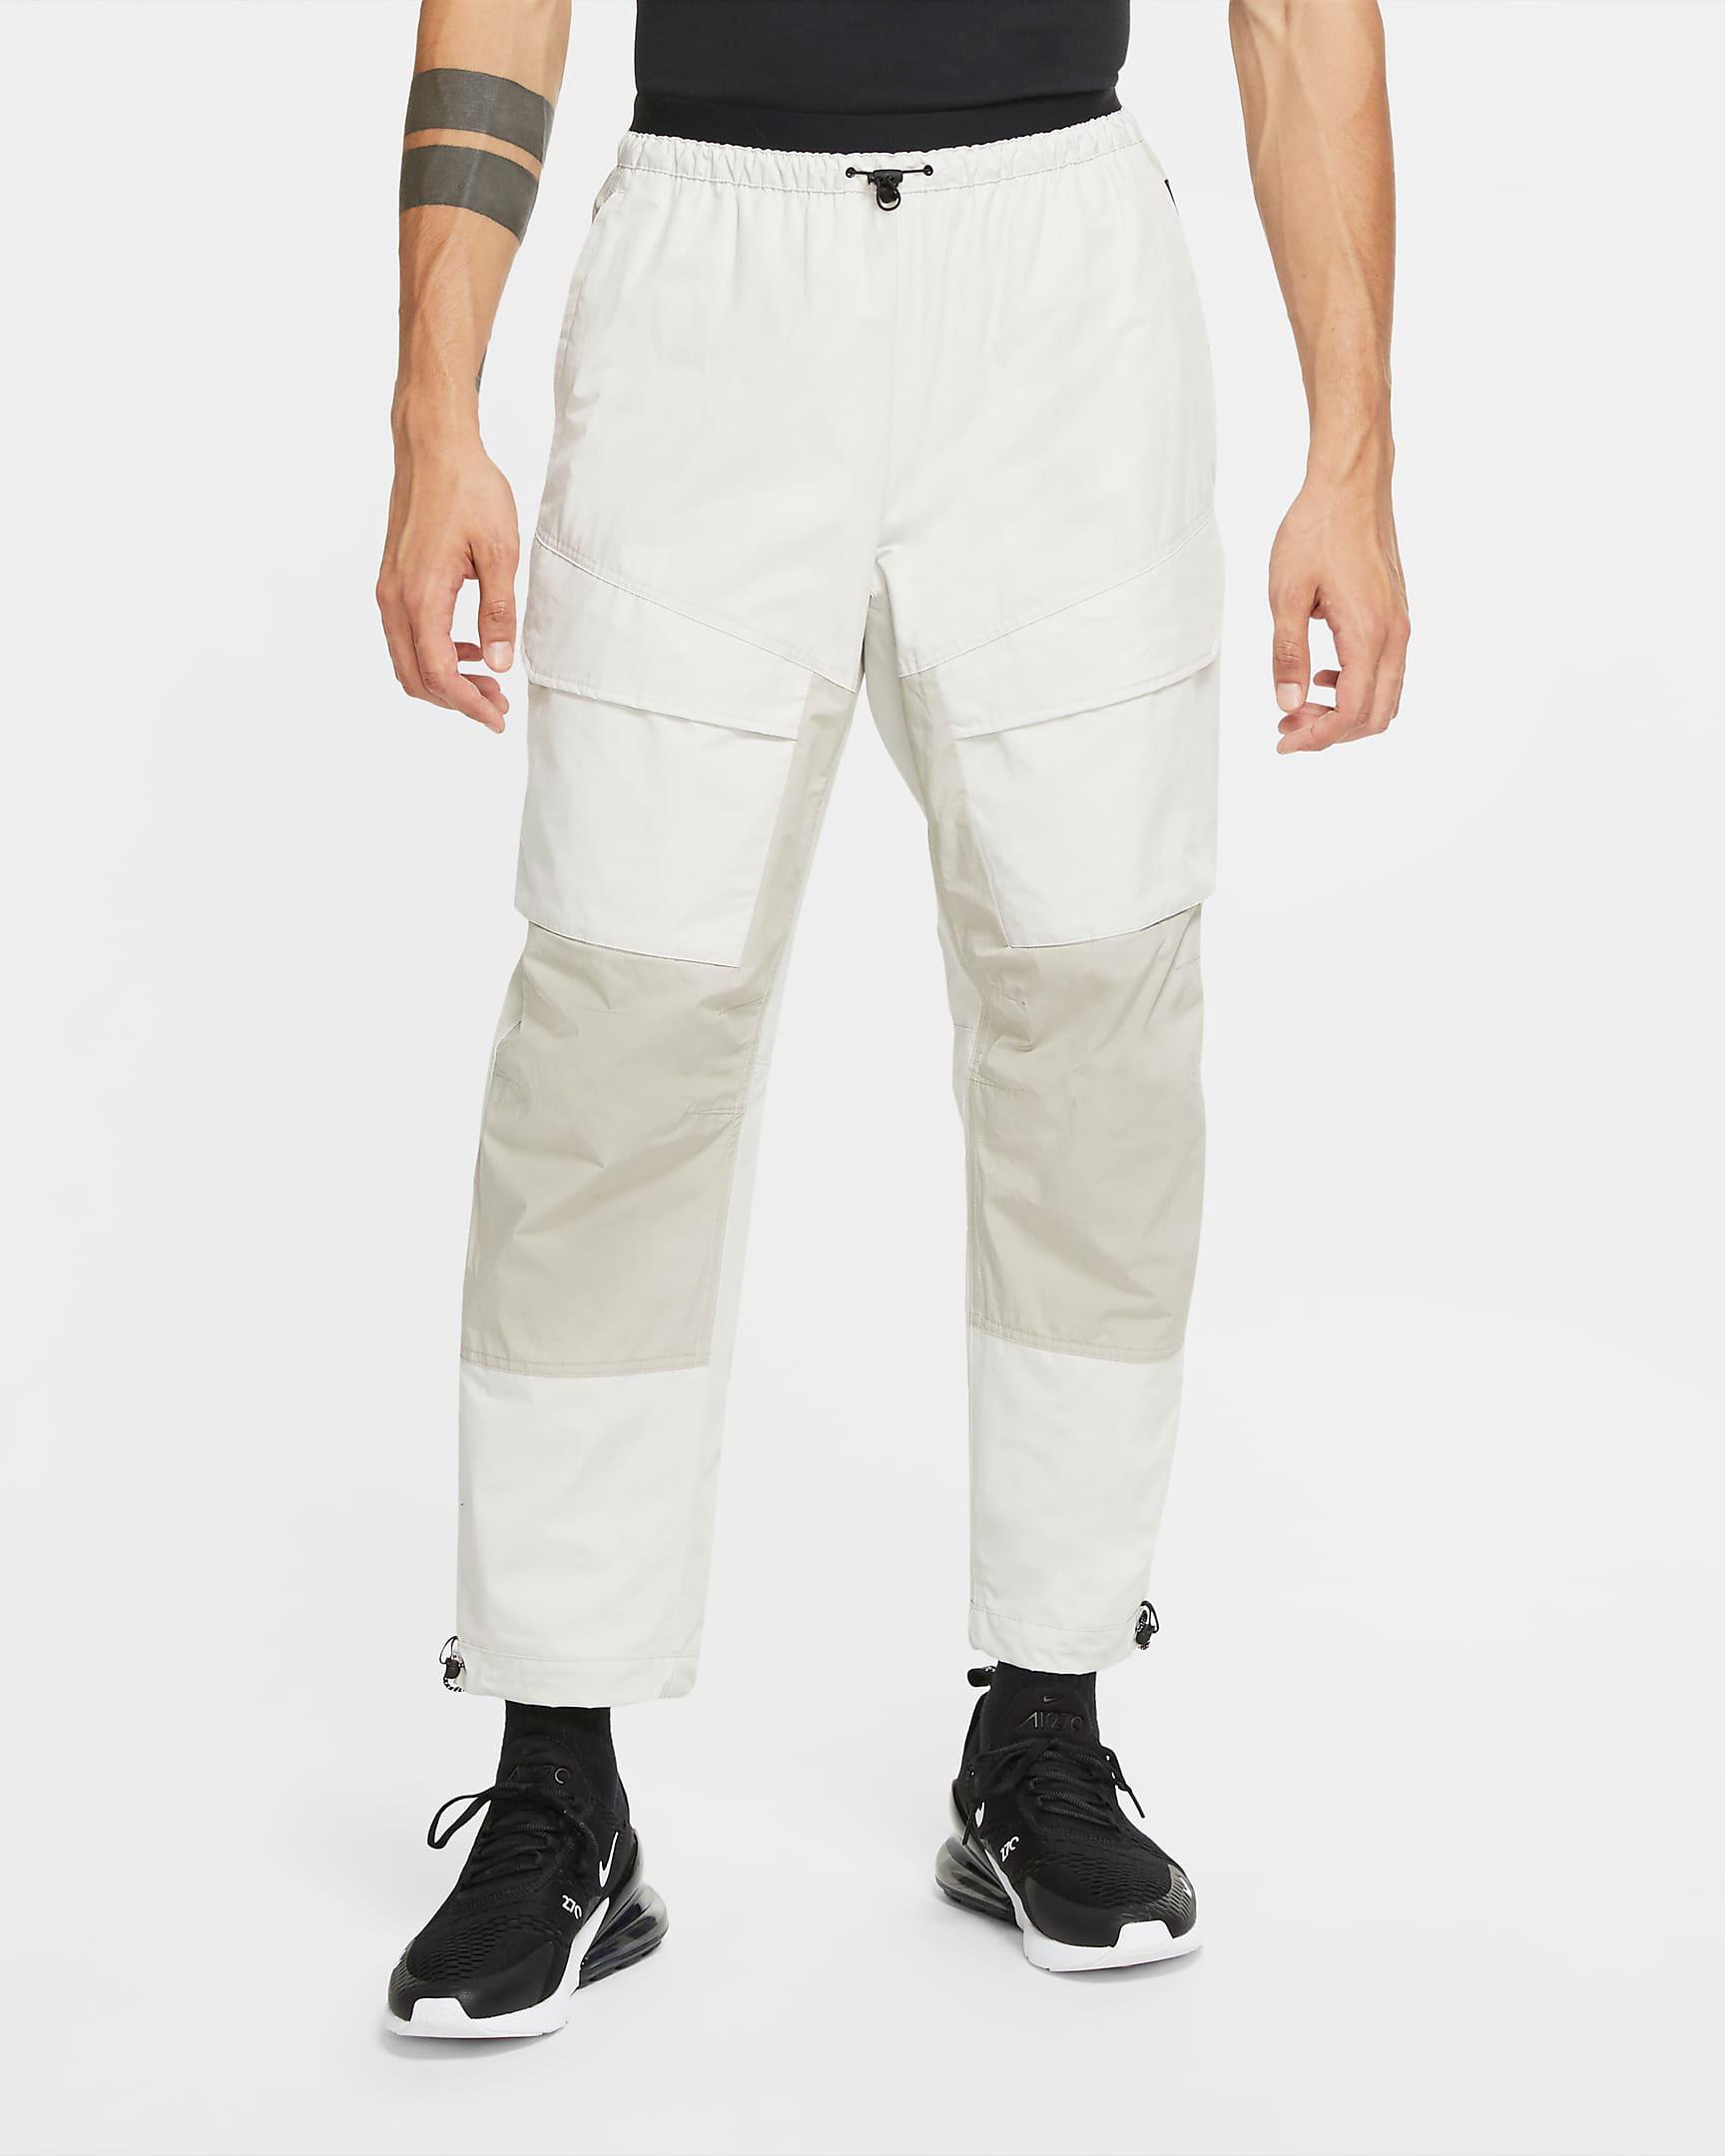 off-white-air-jordan-5-sail-nike-matching-pants-1